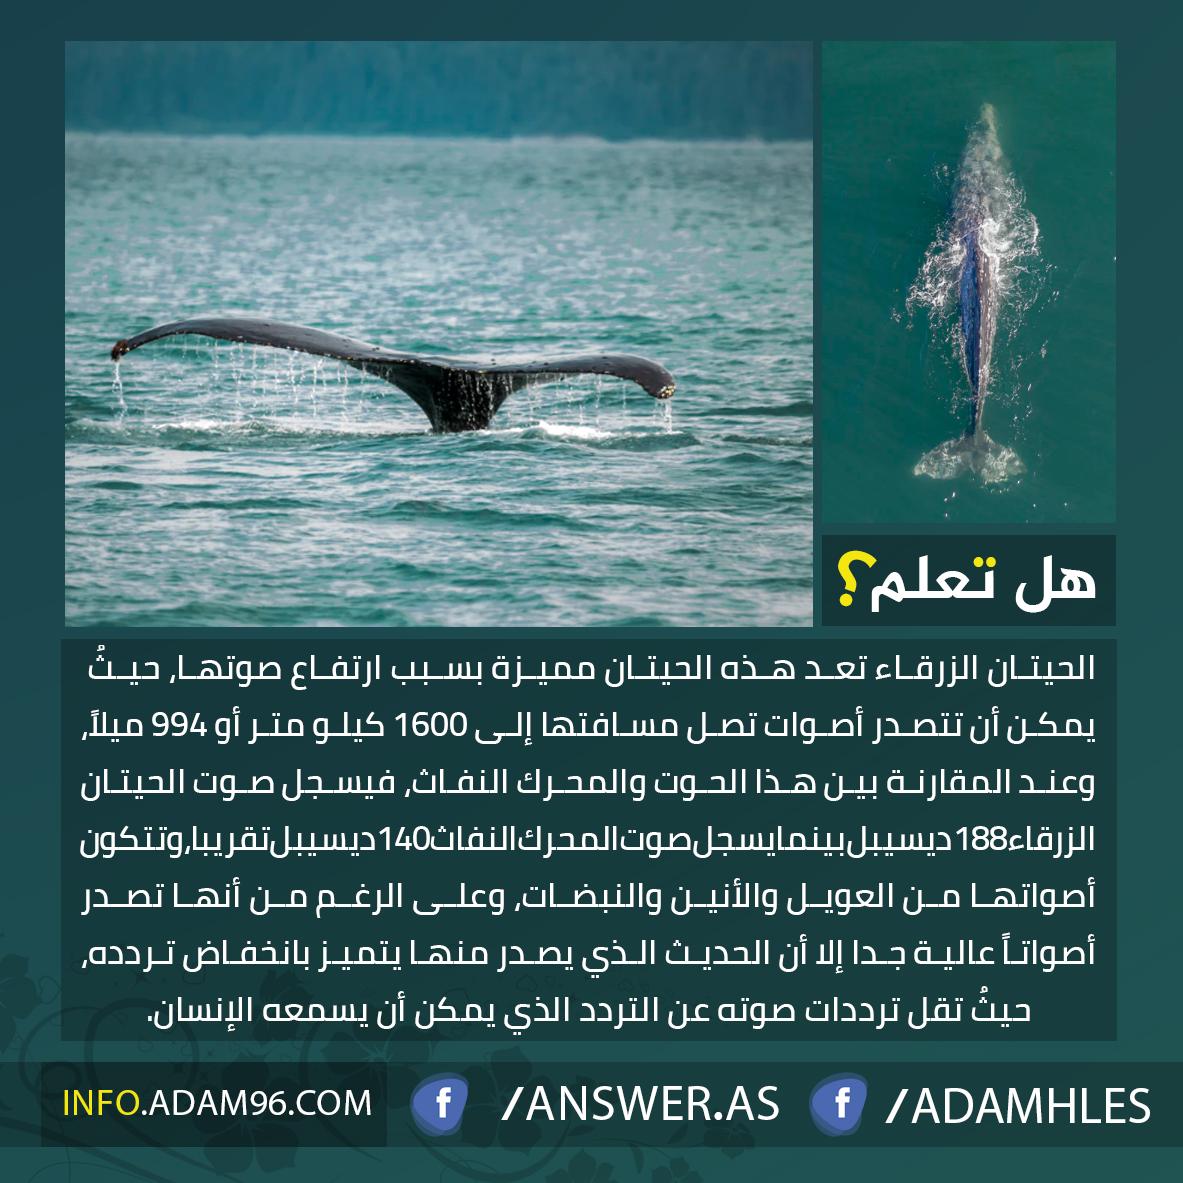 معلومات مدهشة عن الحوت الازرق